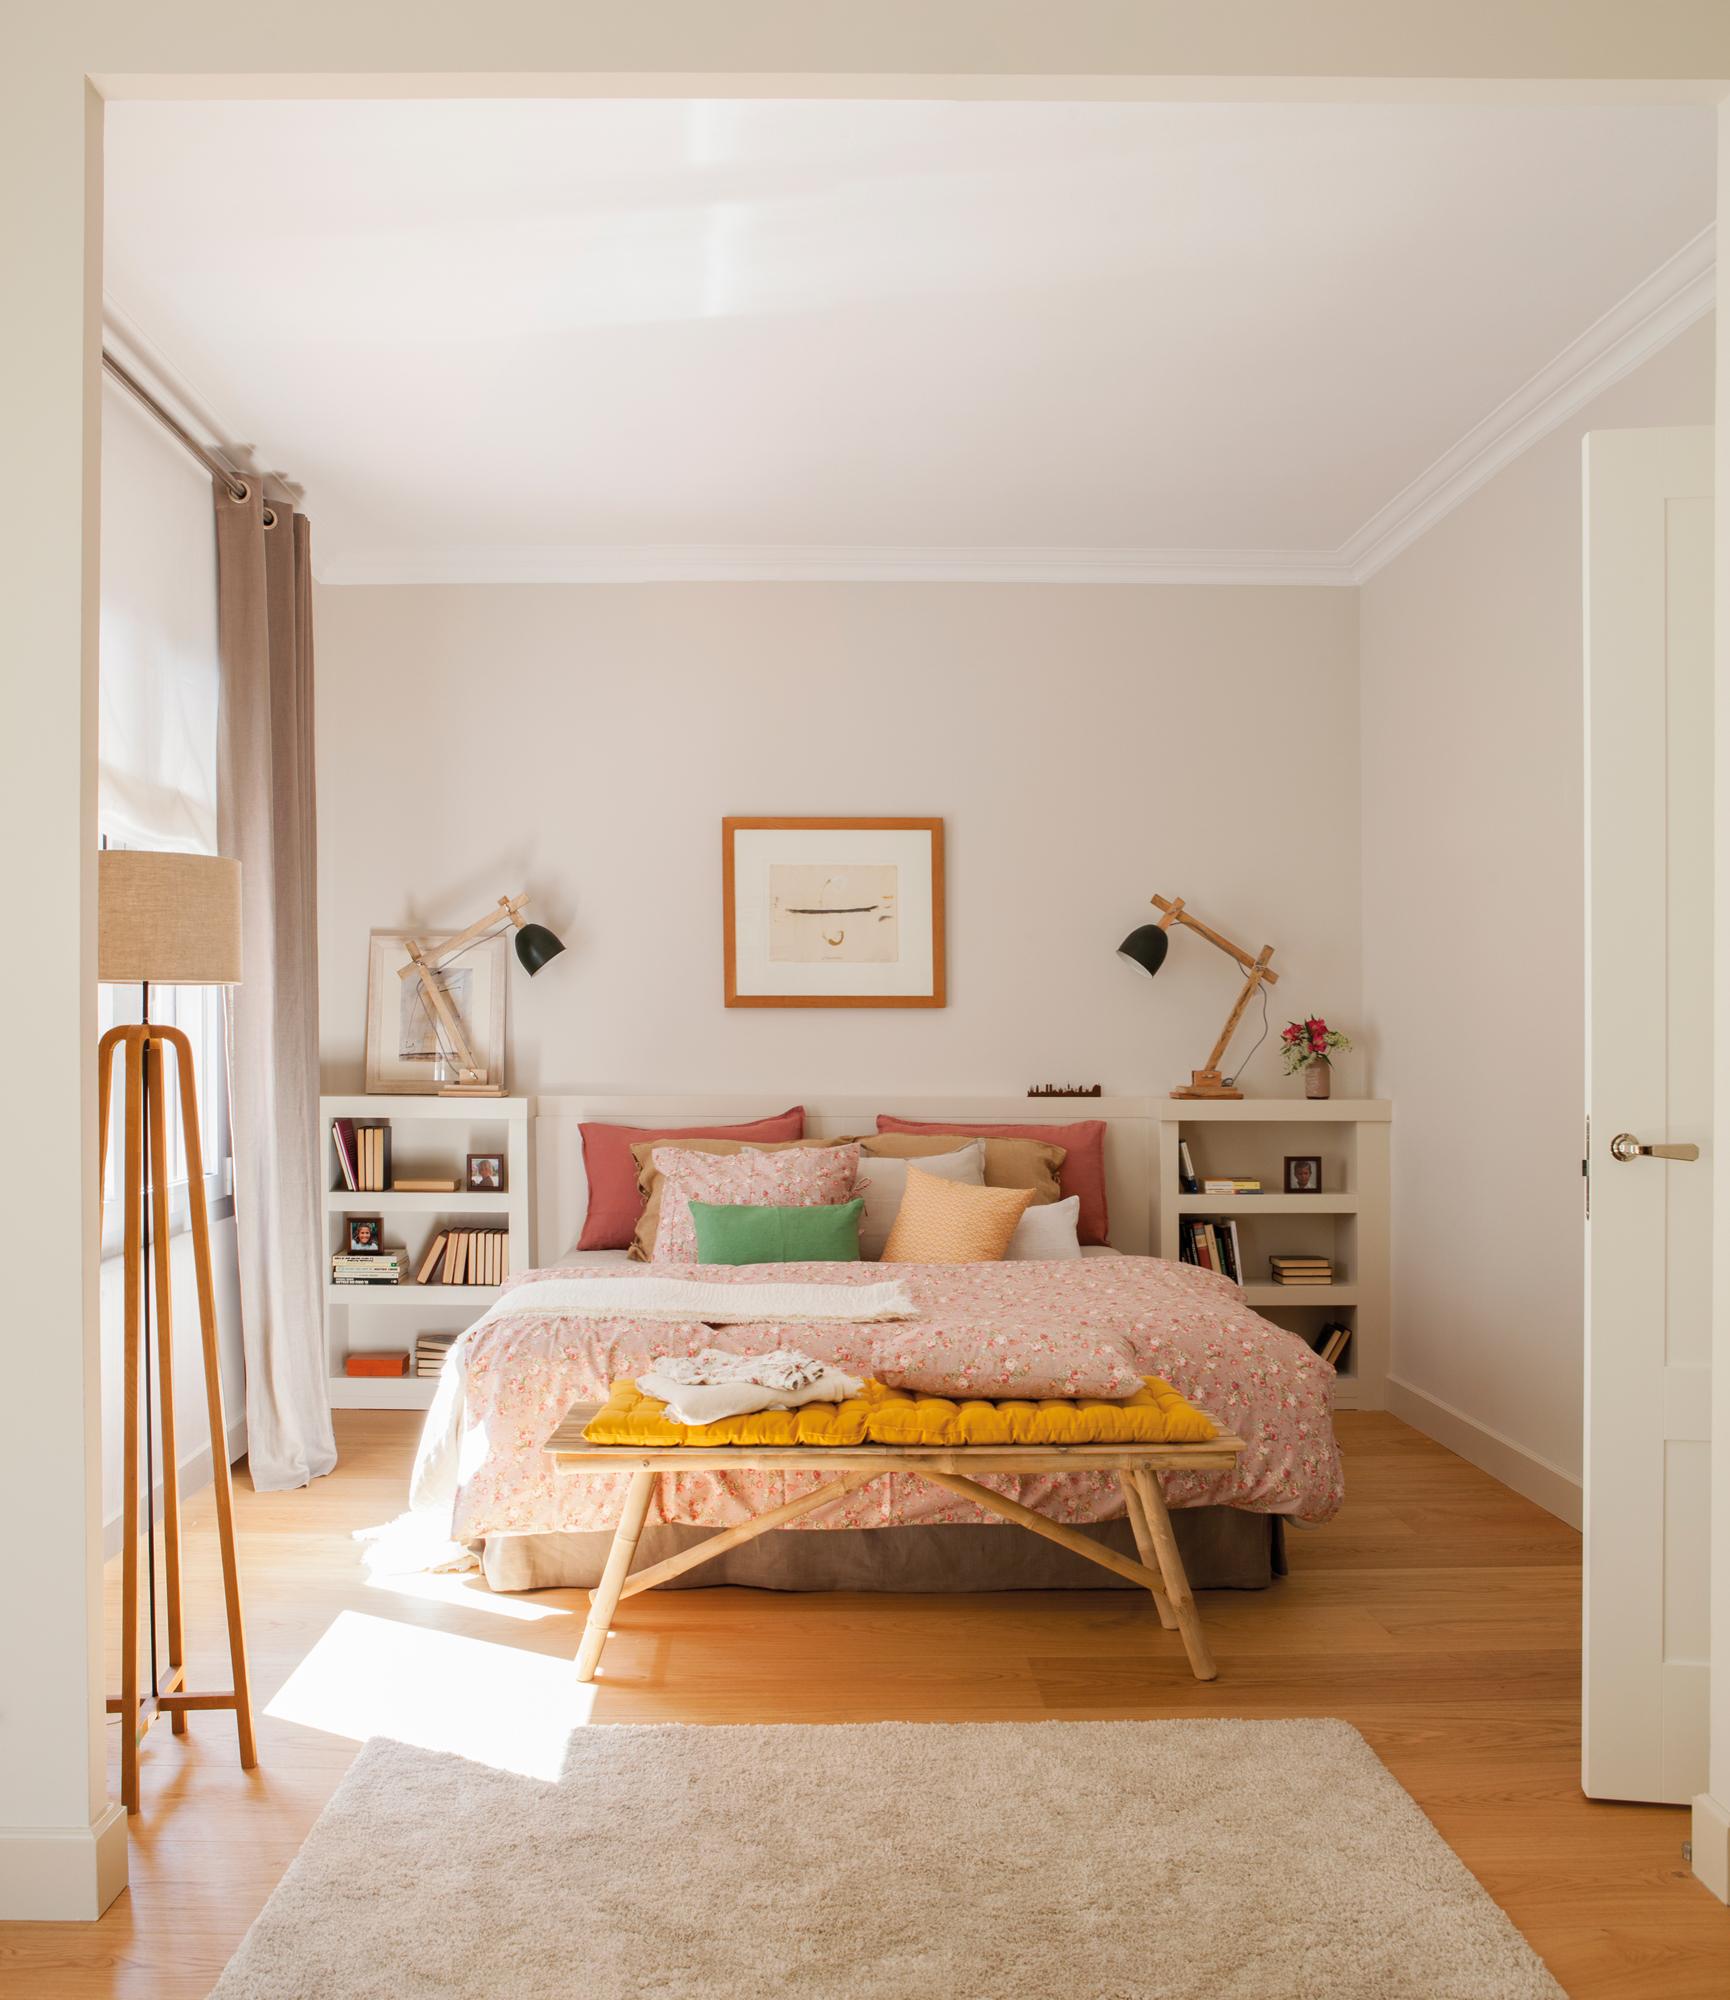 25 dormitorios modernos estilo el mueble - Muebles modernos para habitaciones ...